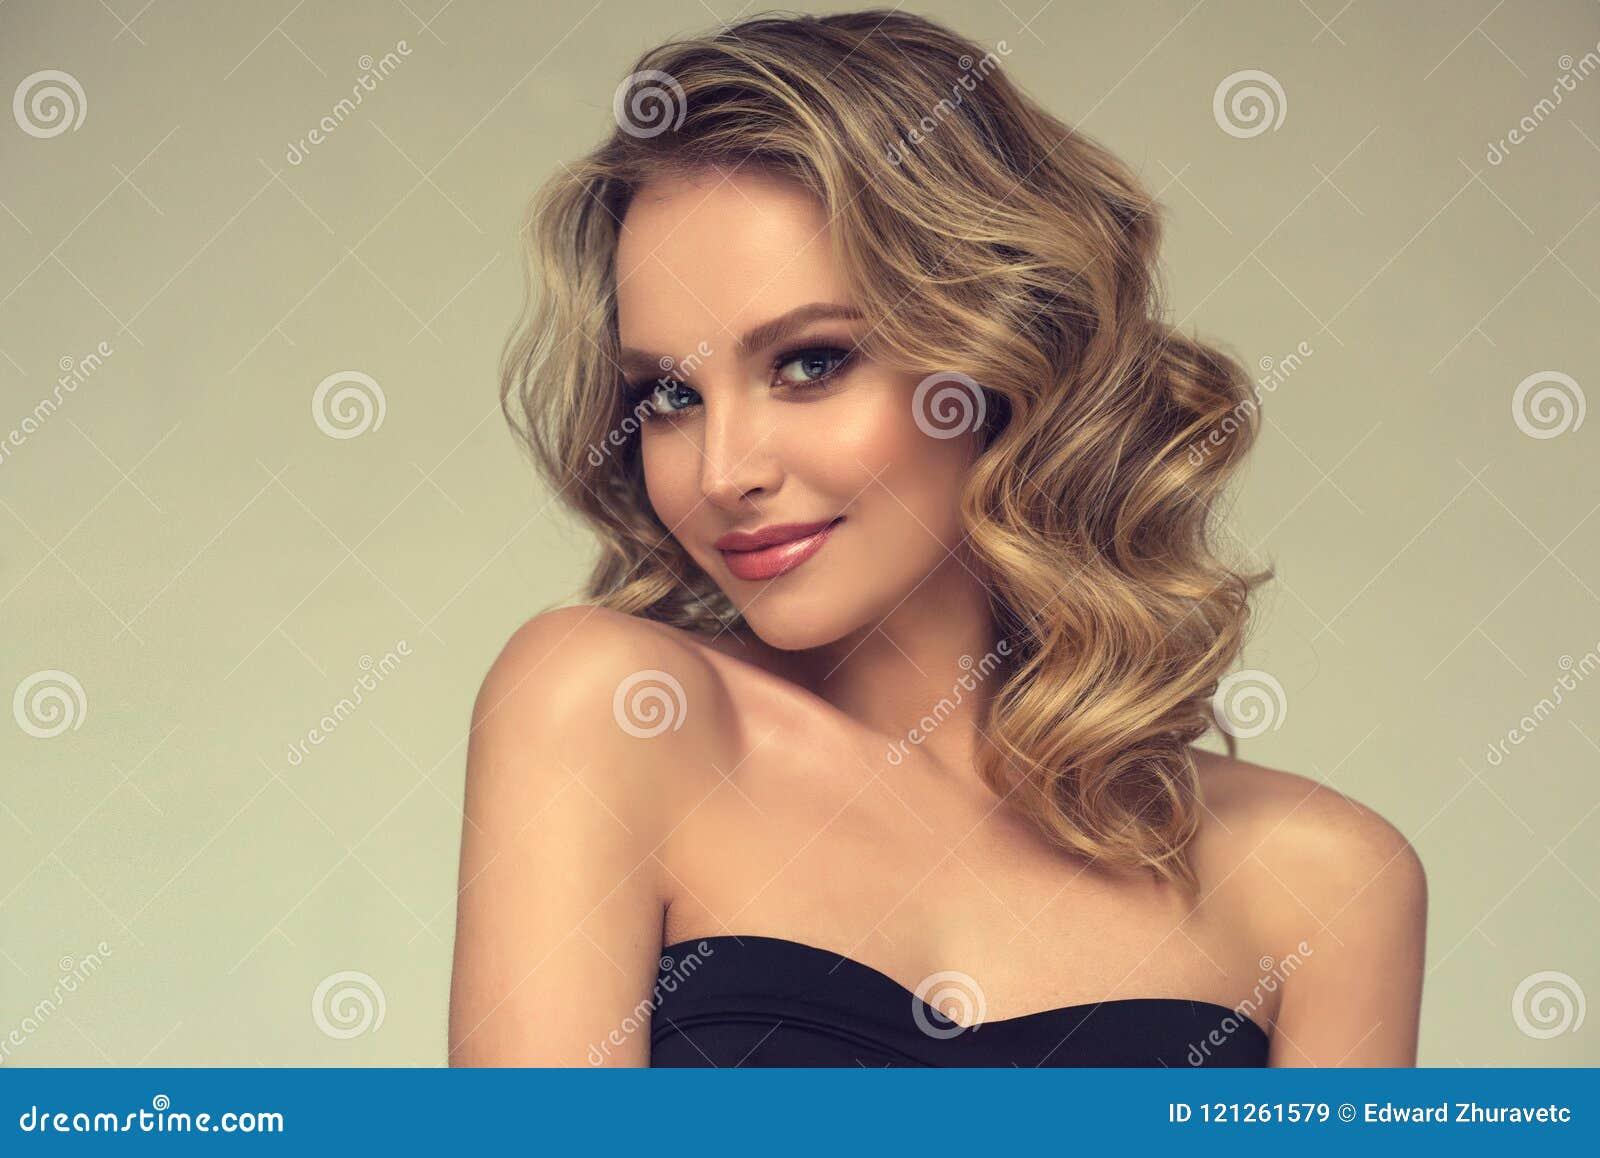 Modelo consideravelmente louro-de cabelo com penteado encaracolado, fraco e composição atrativa